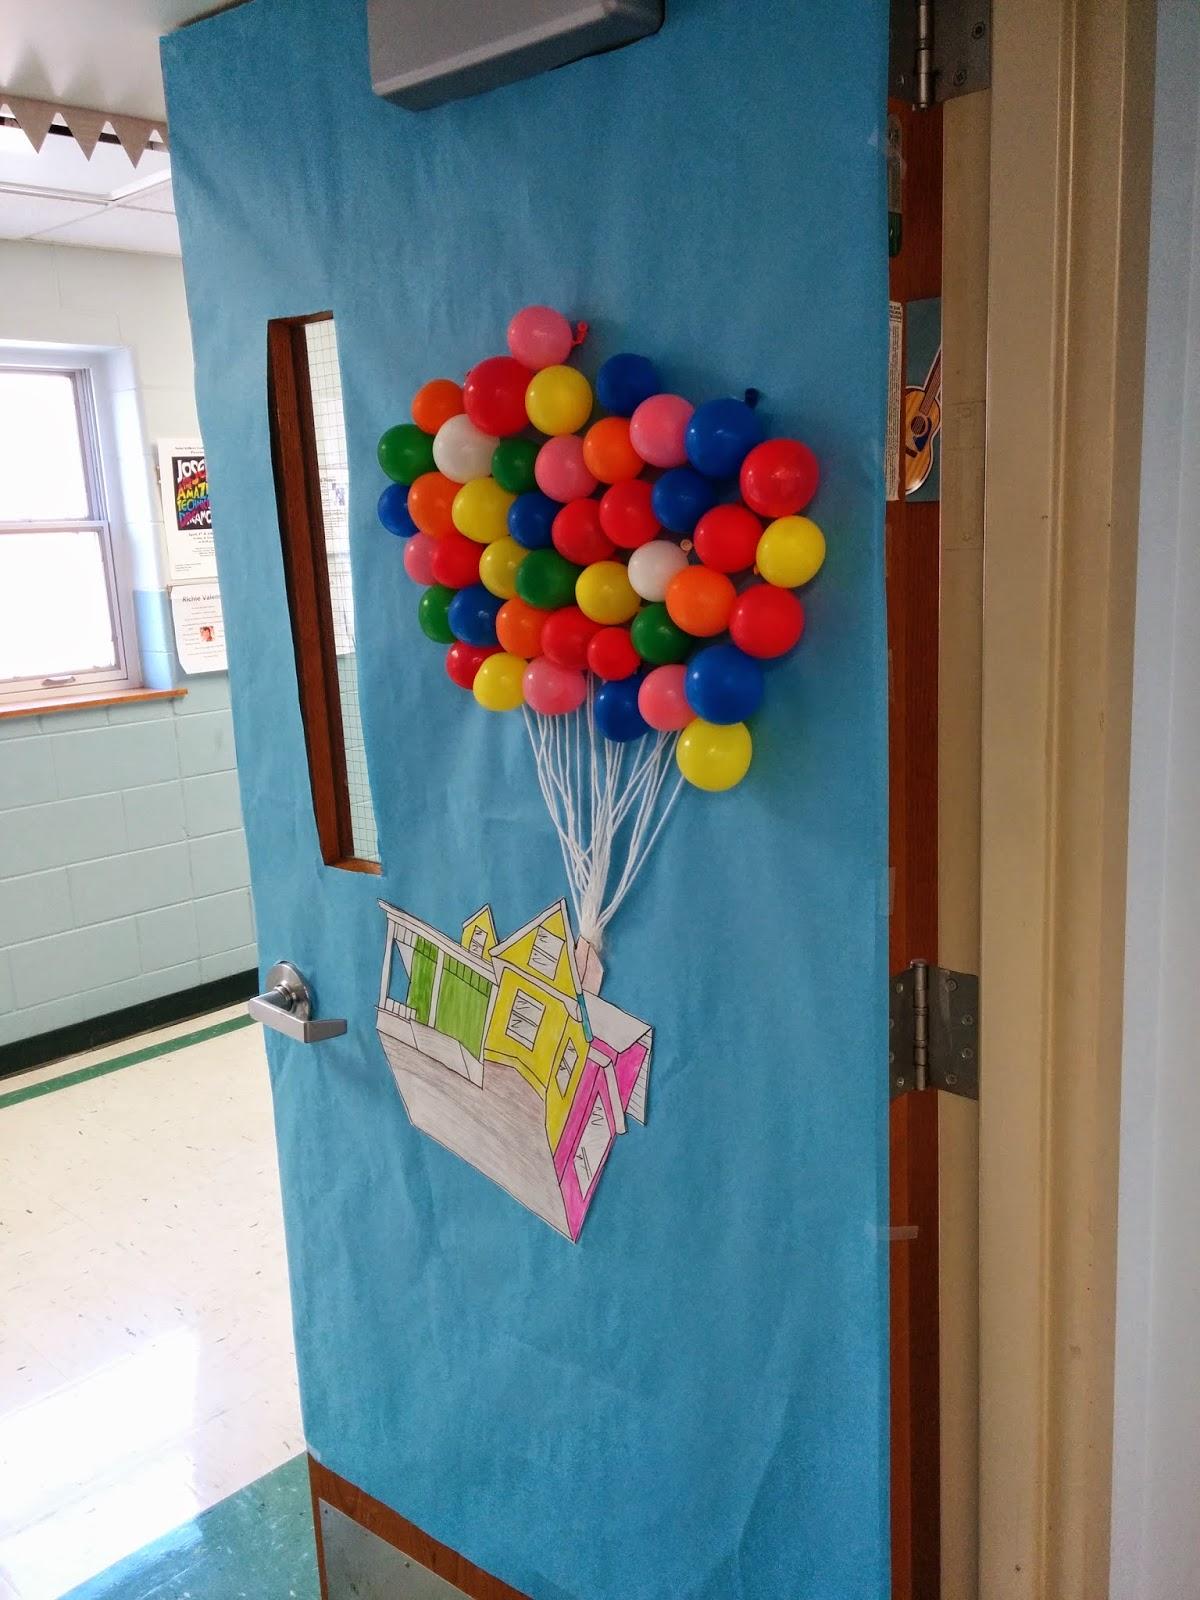 Cửa lớp được trang trí với chùm bóng bay màu sắc